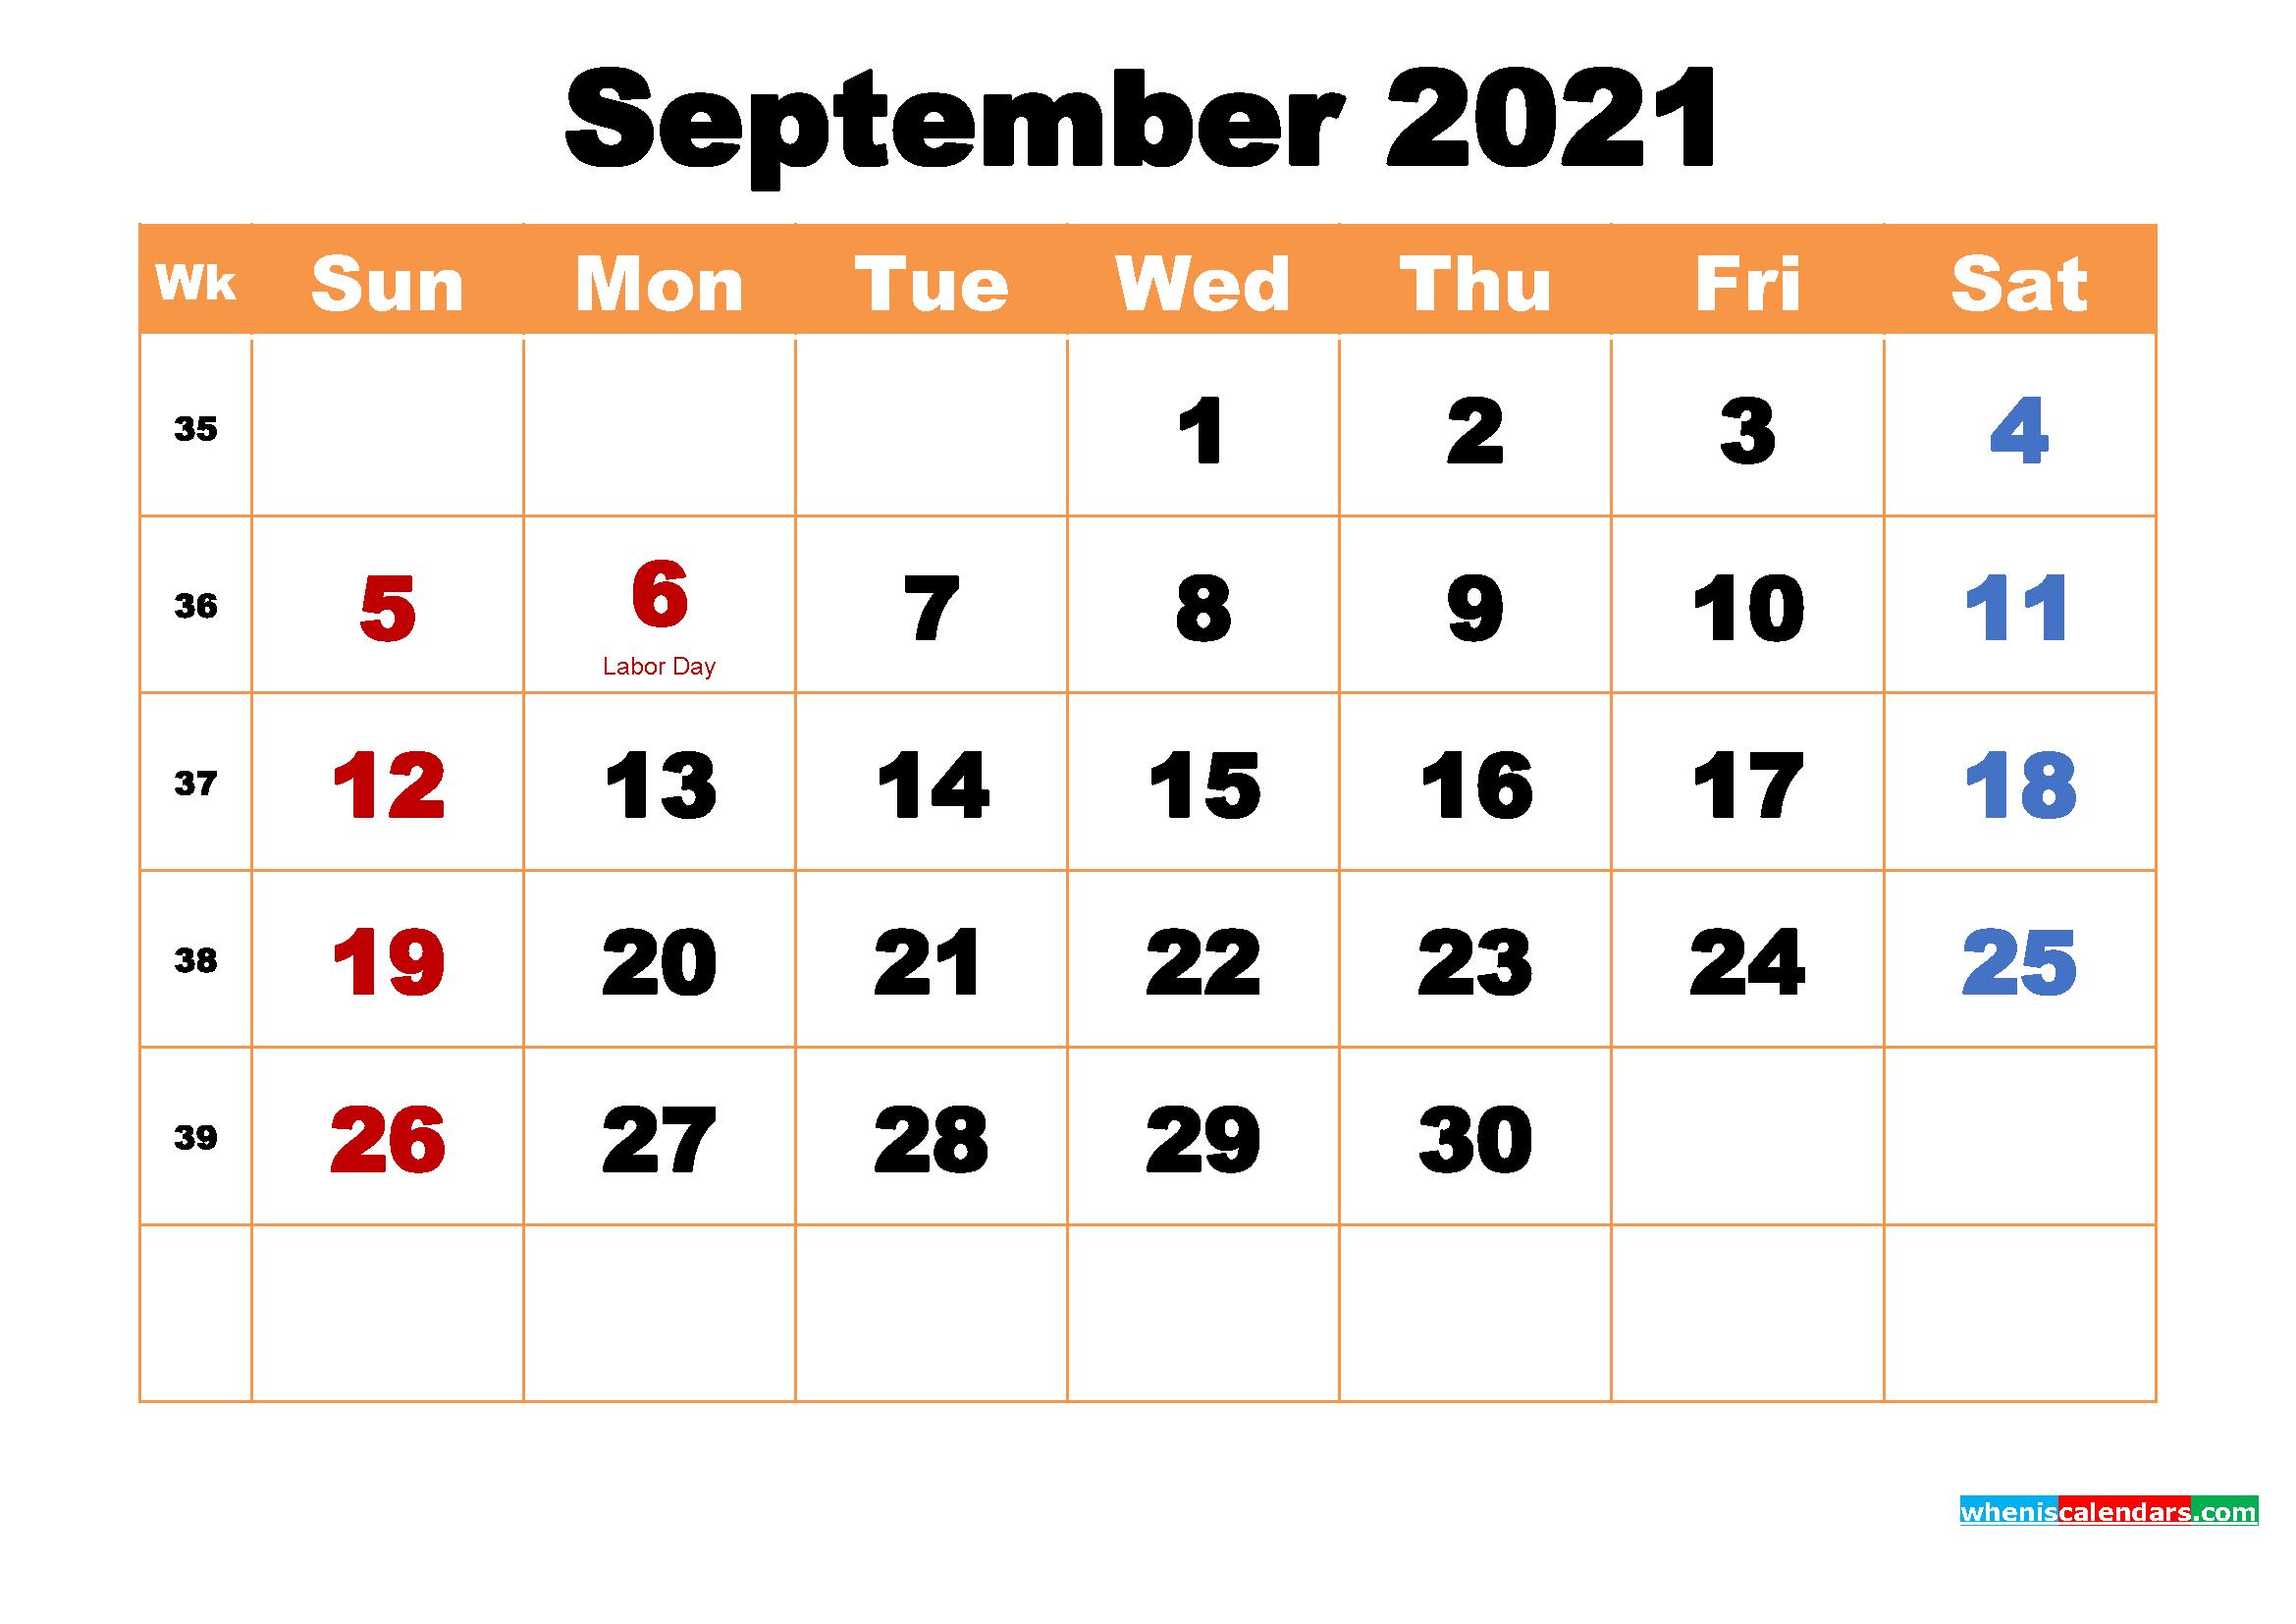 Printable Calendar for September 2021